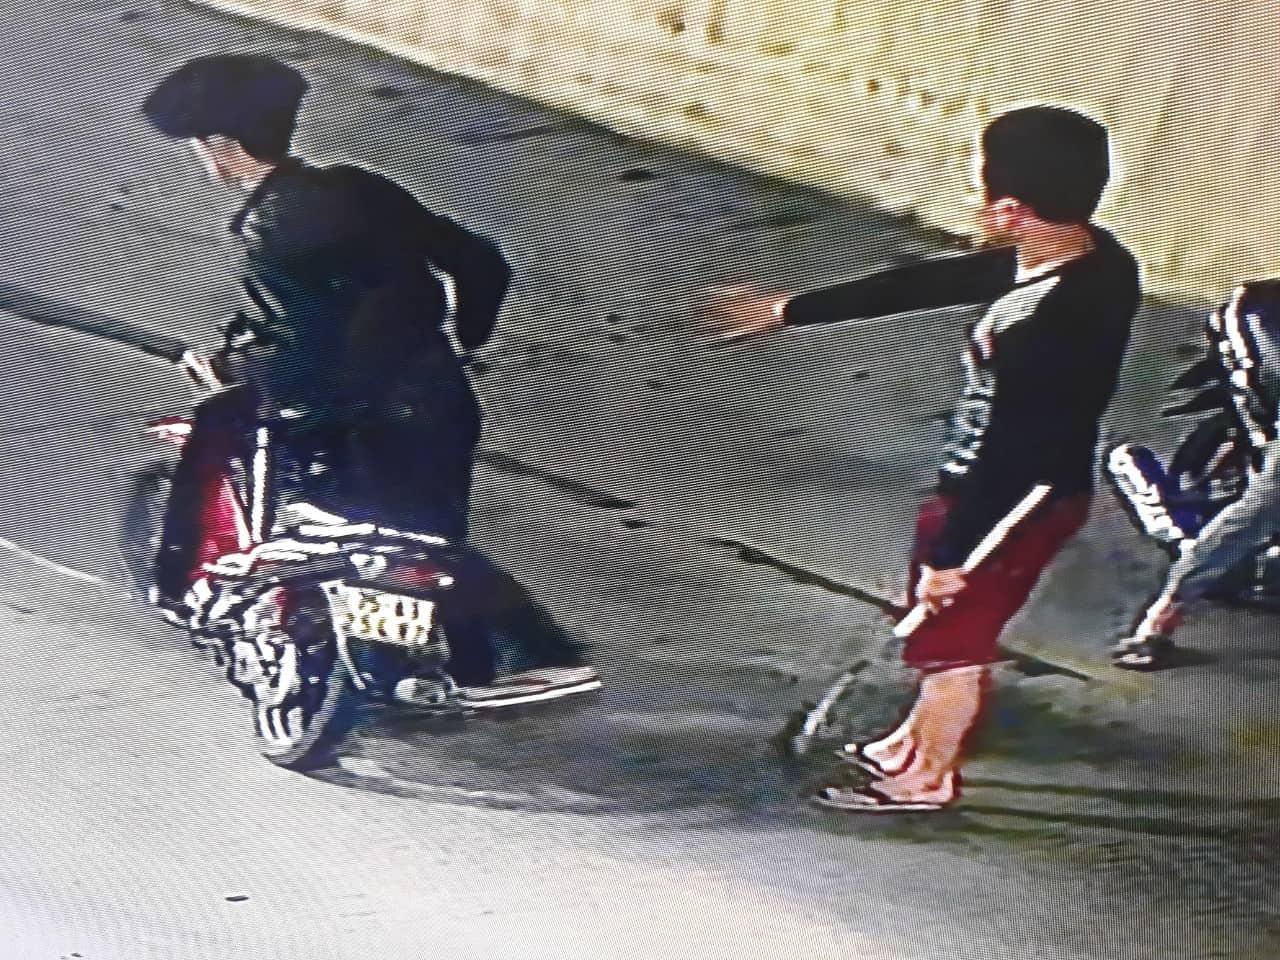 Vụ nhóm thanh niên tấn công xe tải trong hầm: Thu giữ hung khí và xác định biển kiểm soát 1 trong 3 xe máy